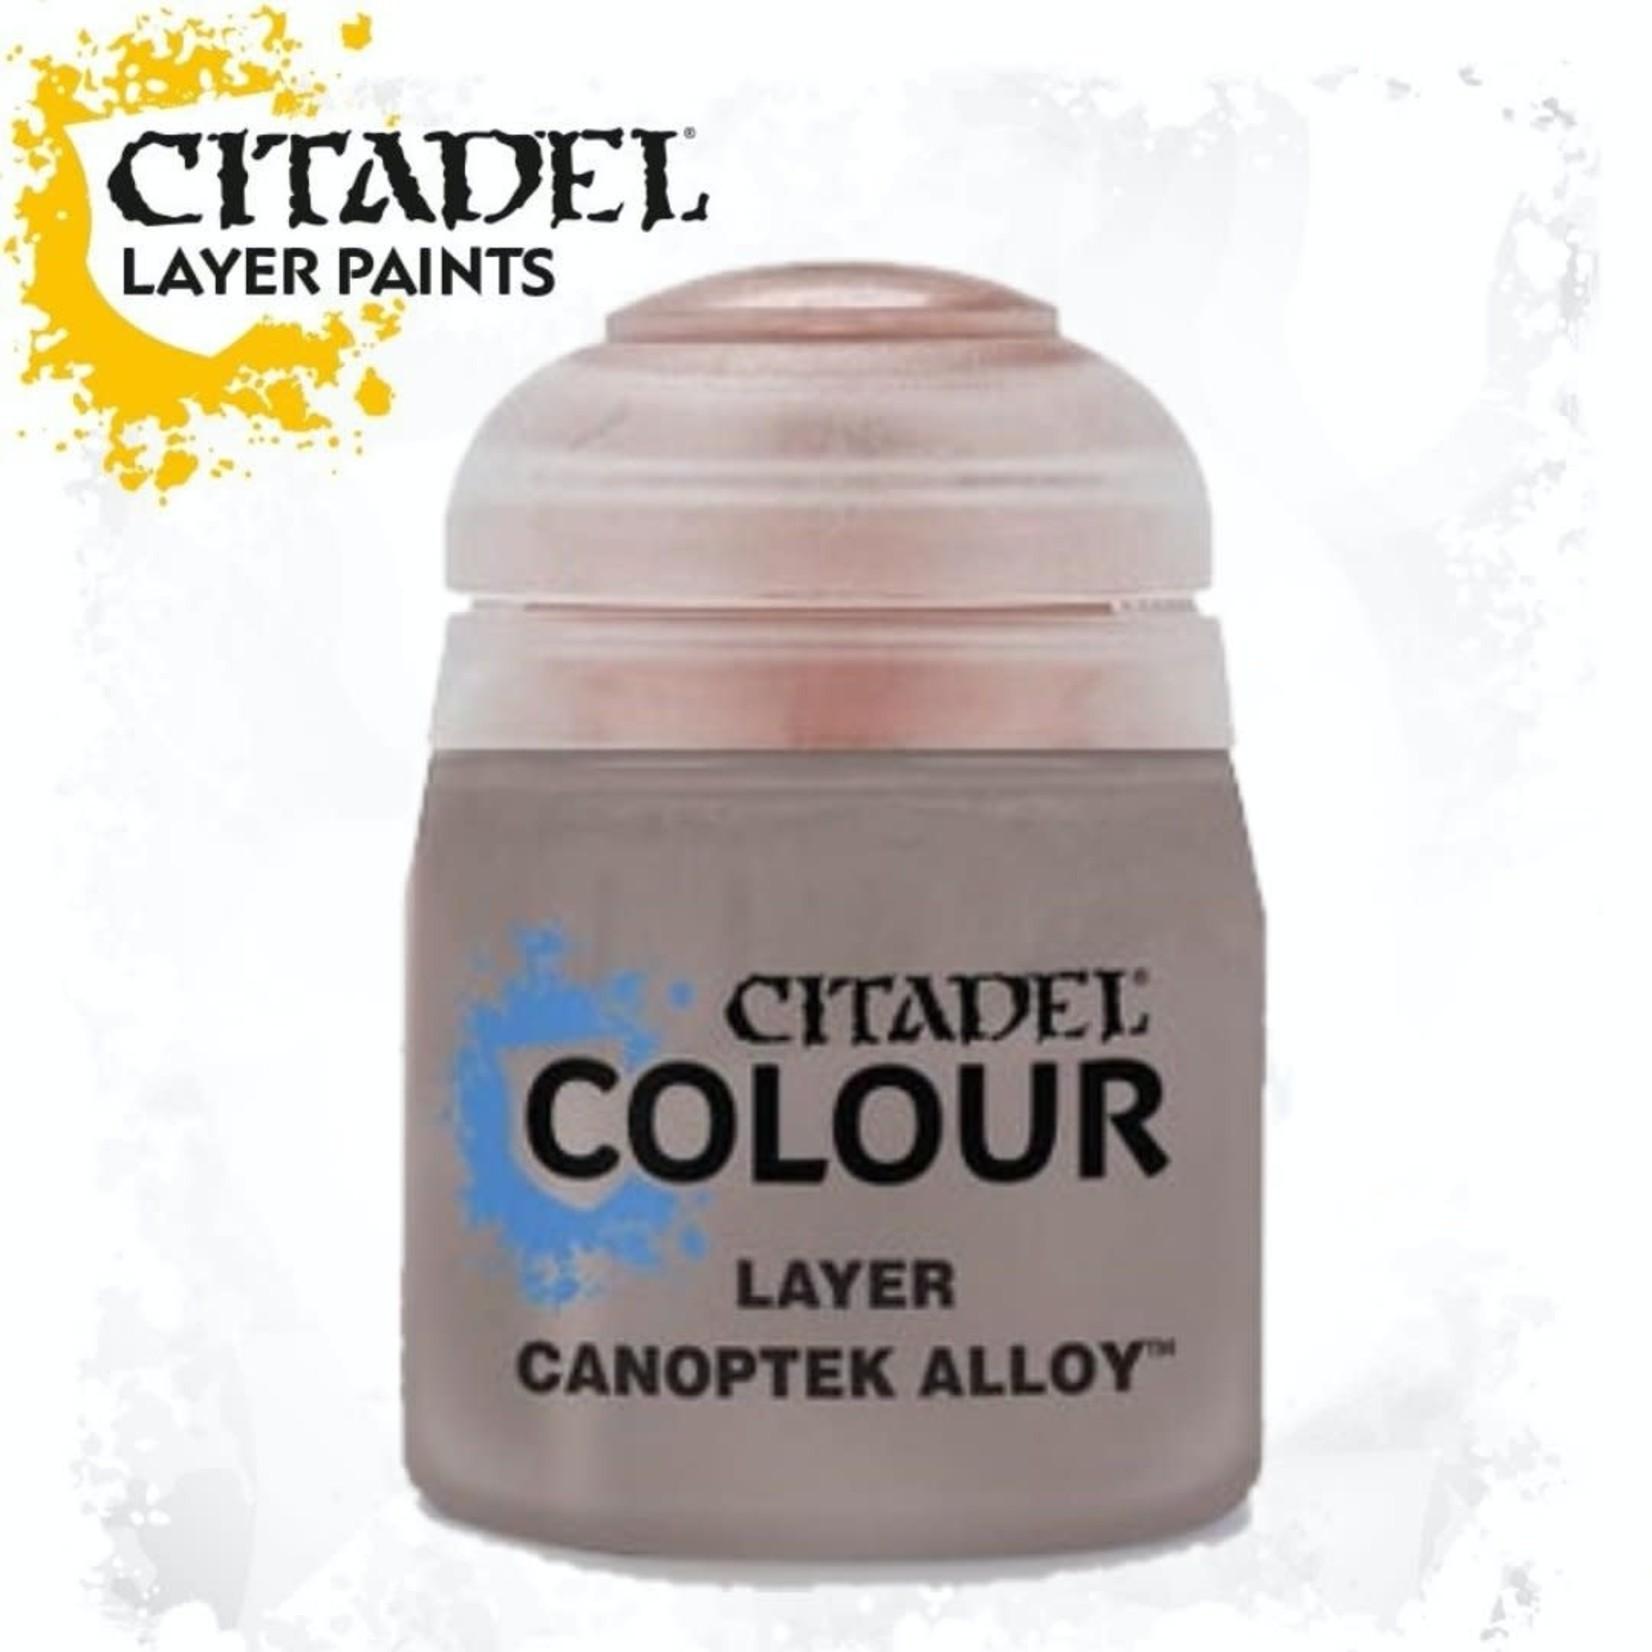 Citadel Citadel Paint - Layer: Canoptek Alloy